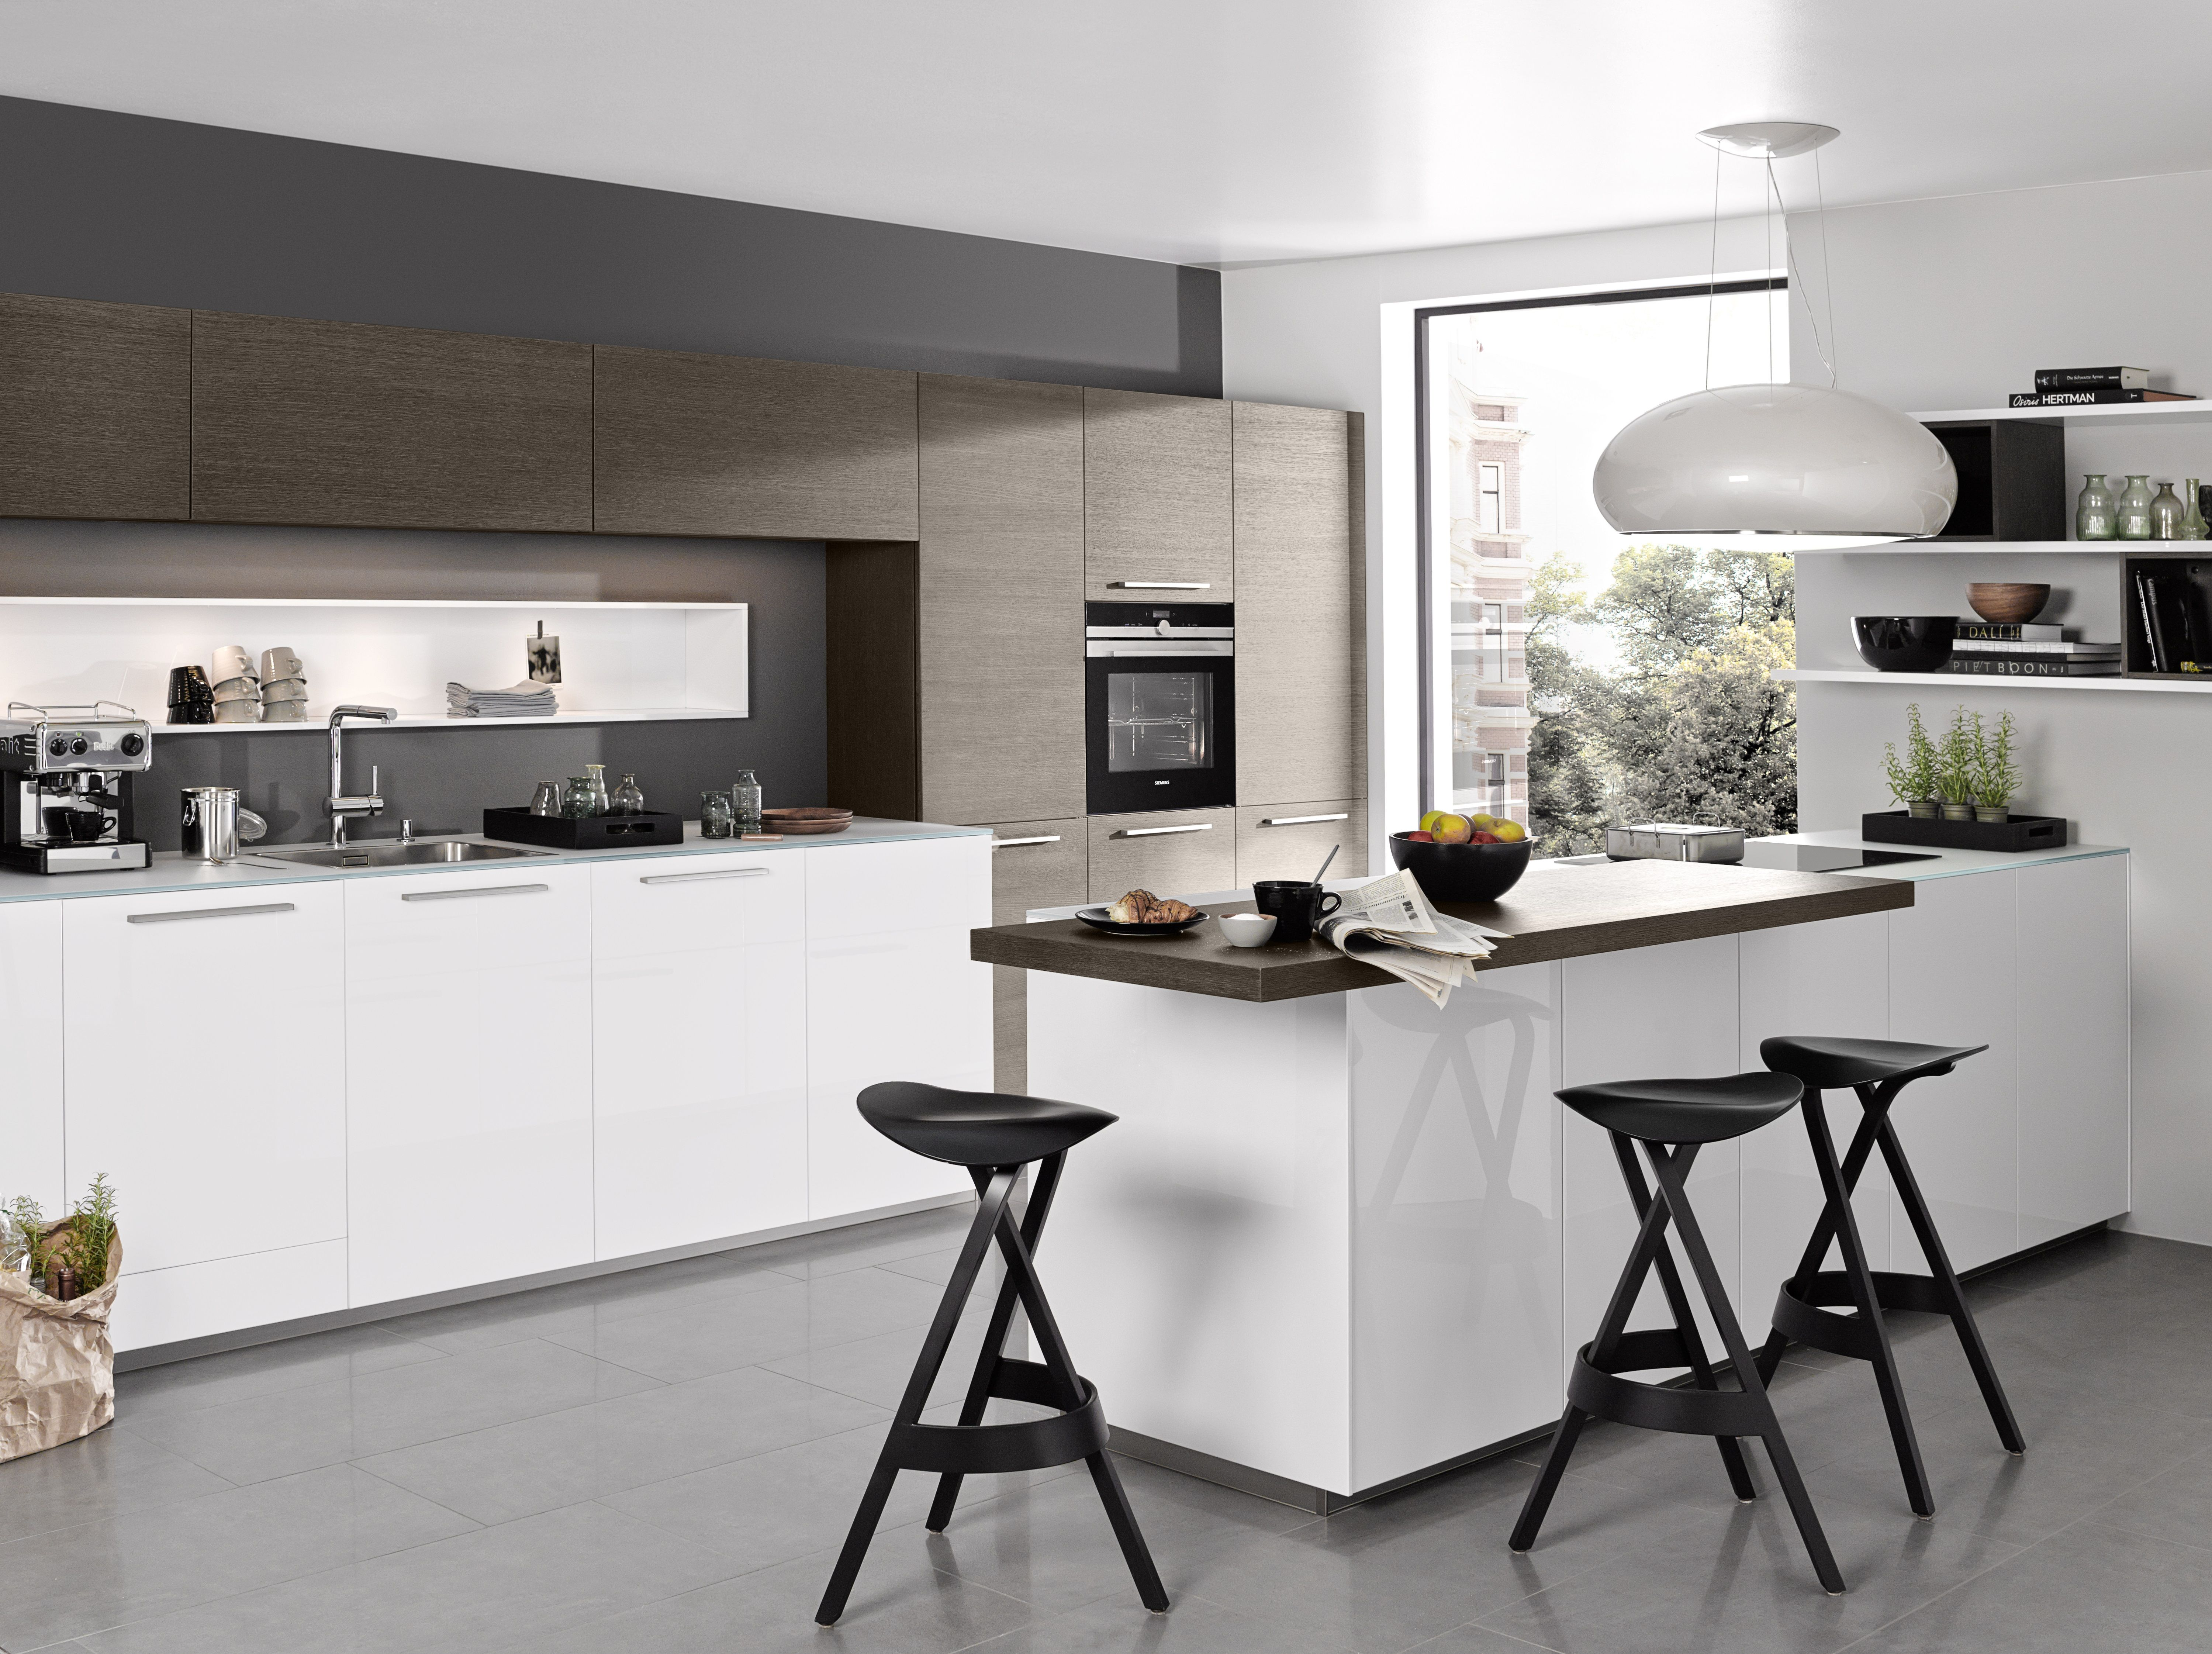 Nova Lack #kitchen #inspiration #ideas #modern #